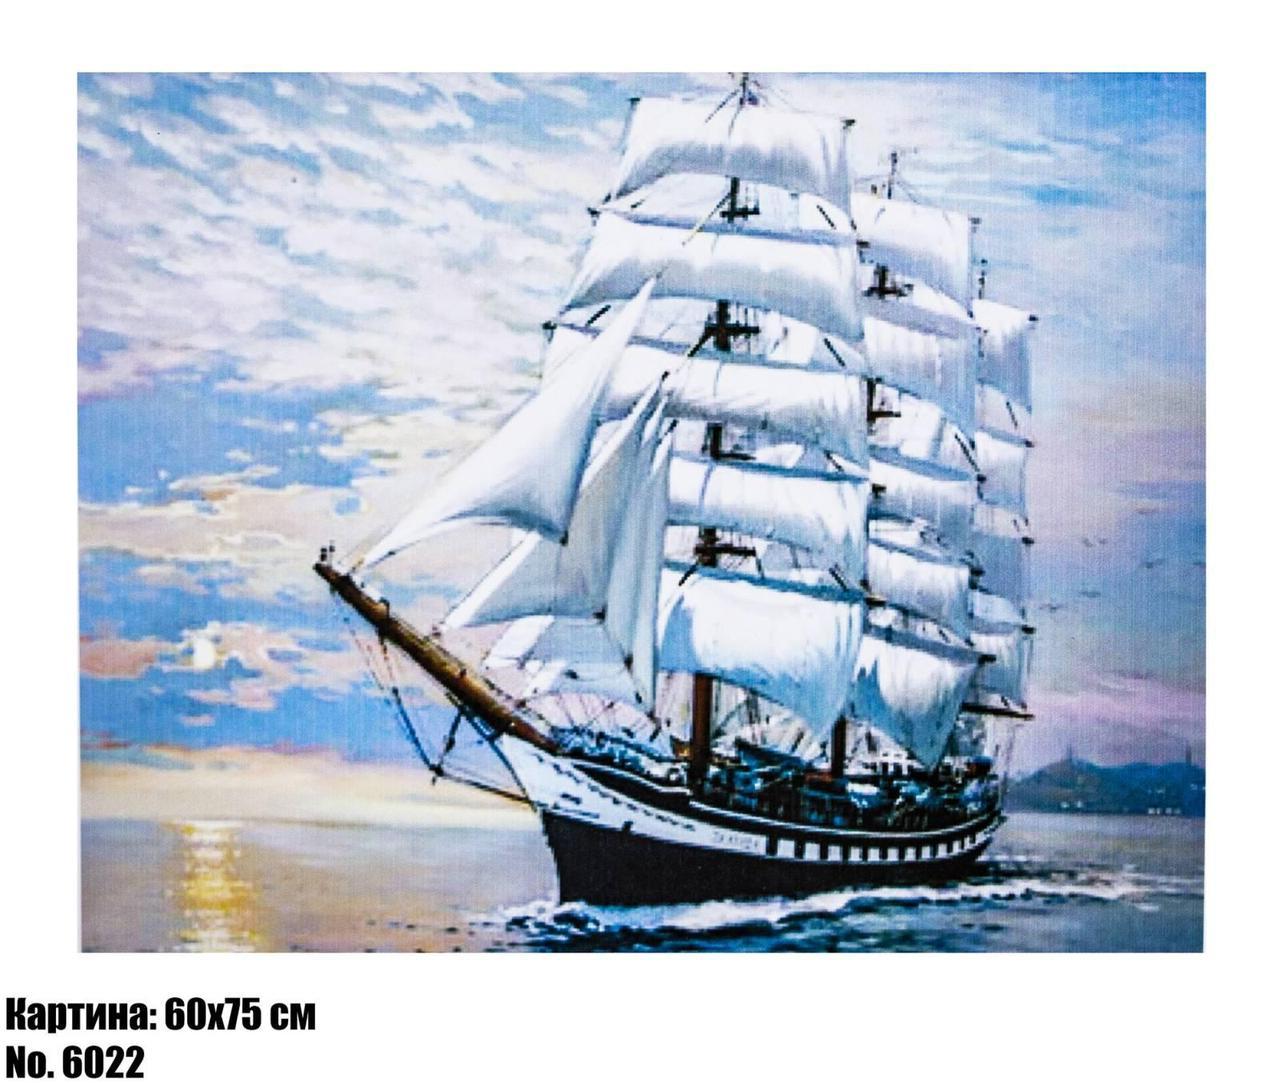 """Картина за номерами """"Фрегат з білими вітрилами"""", розмір 60 х 75 см, код 6022"""